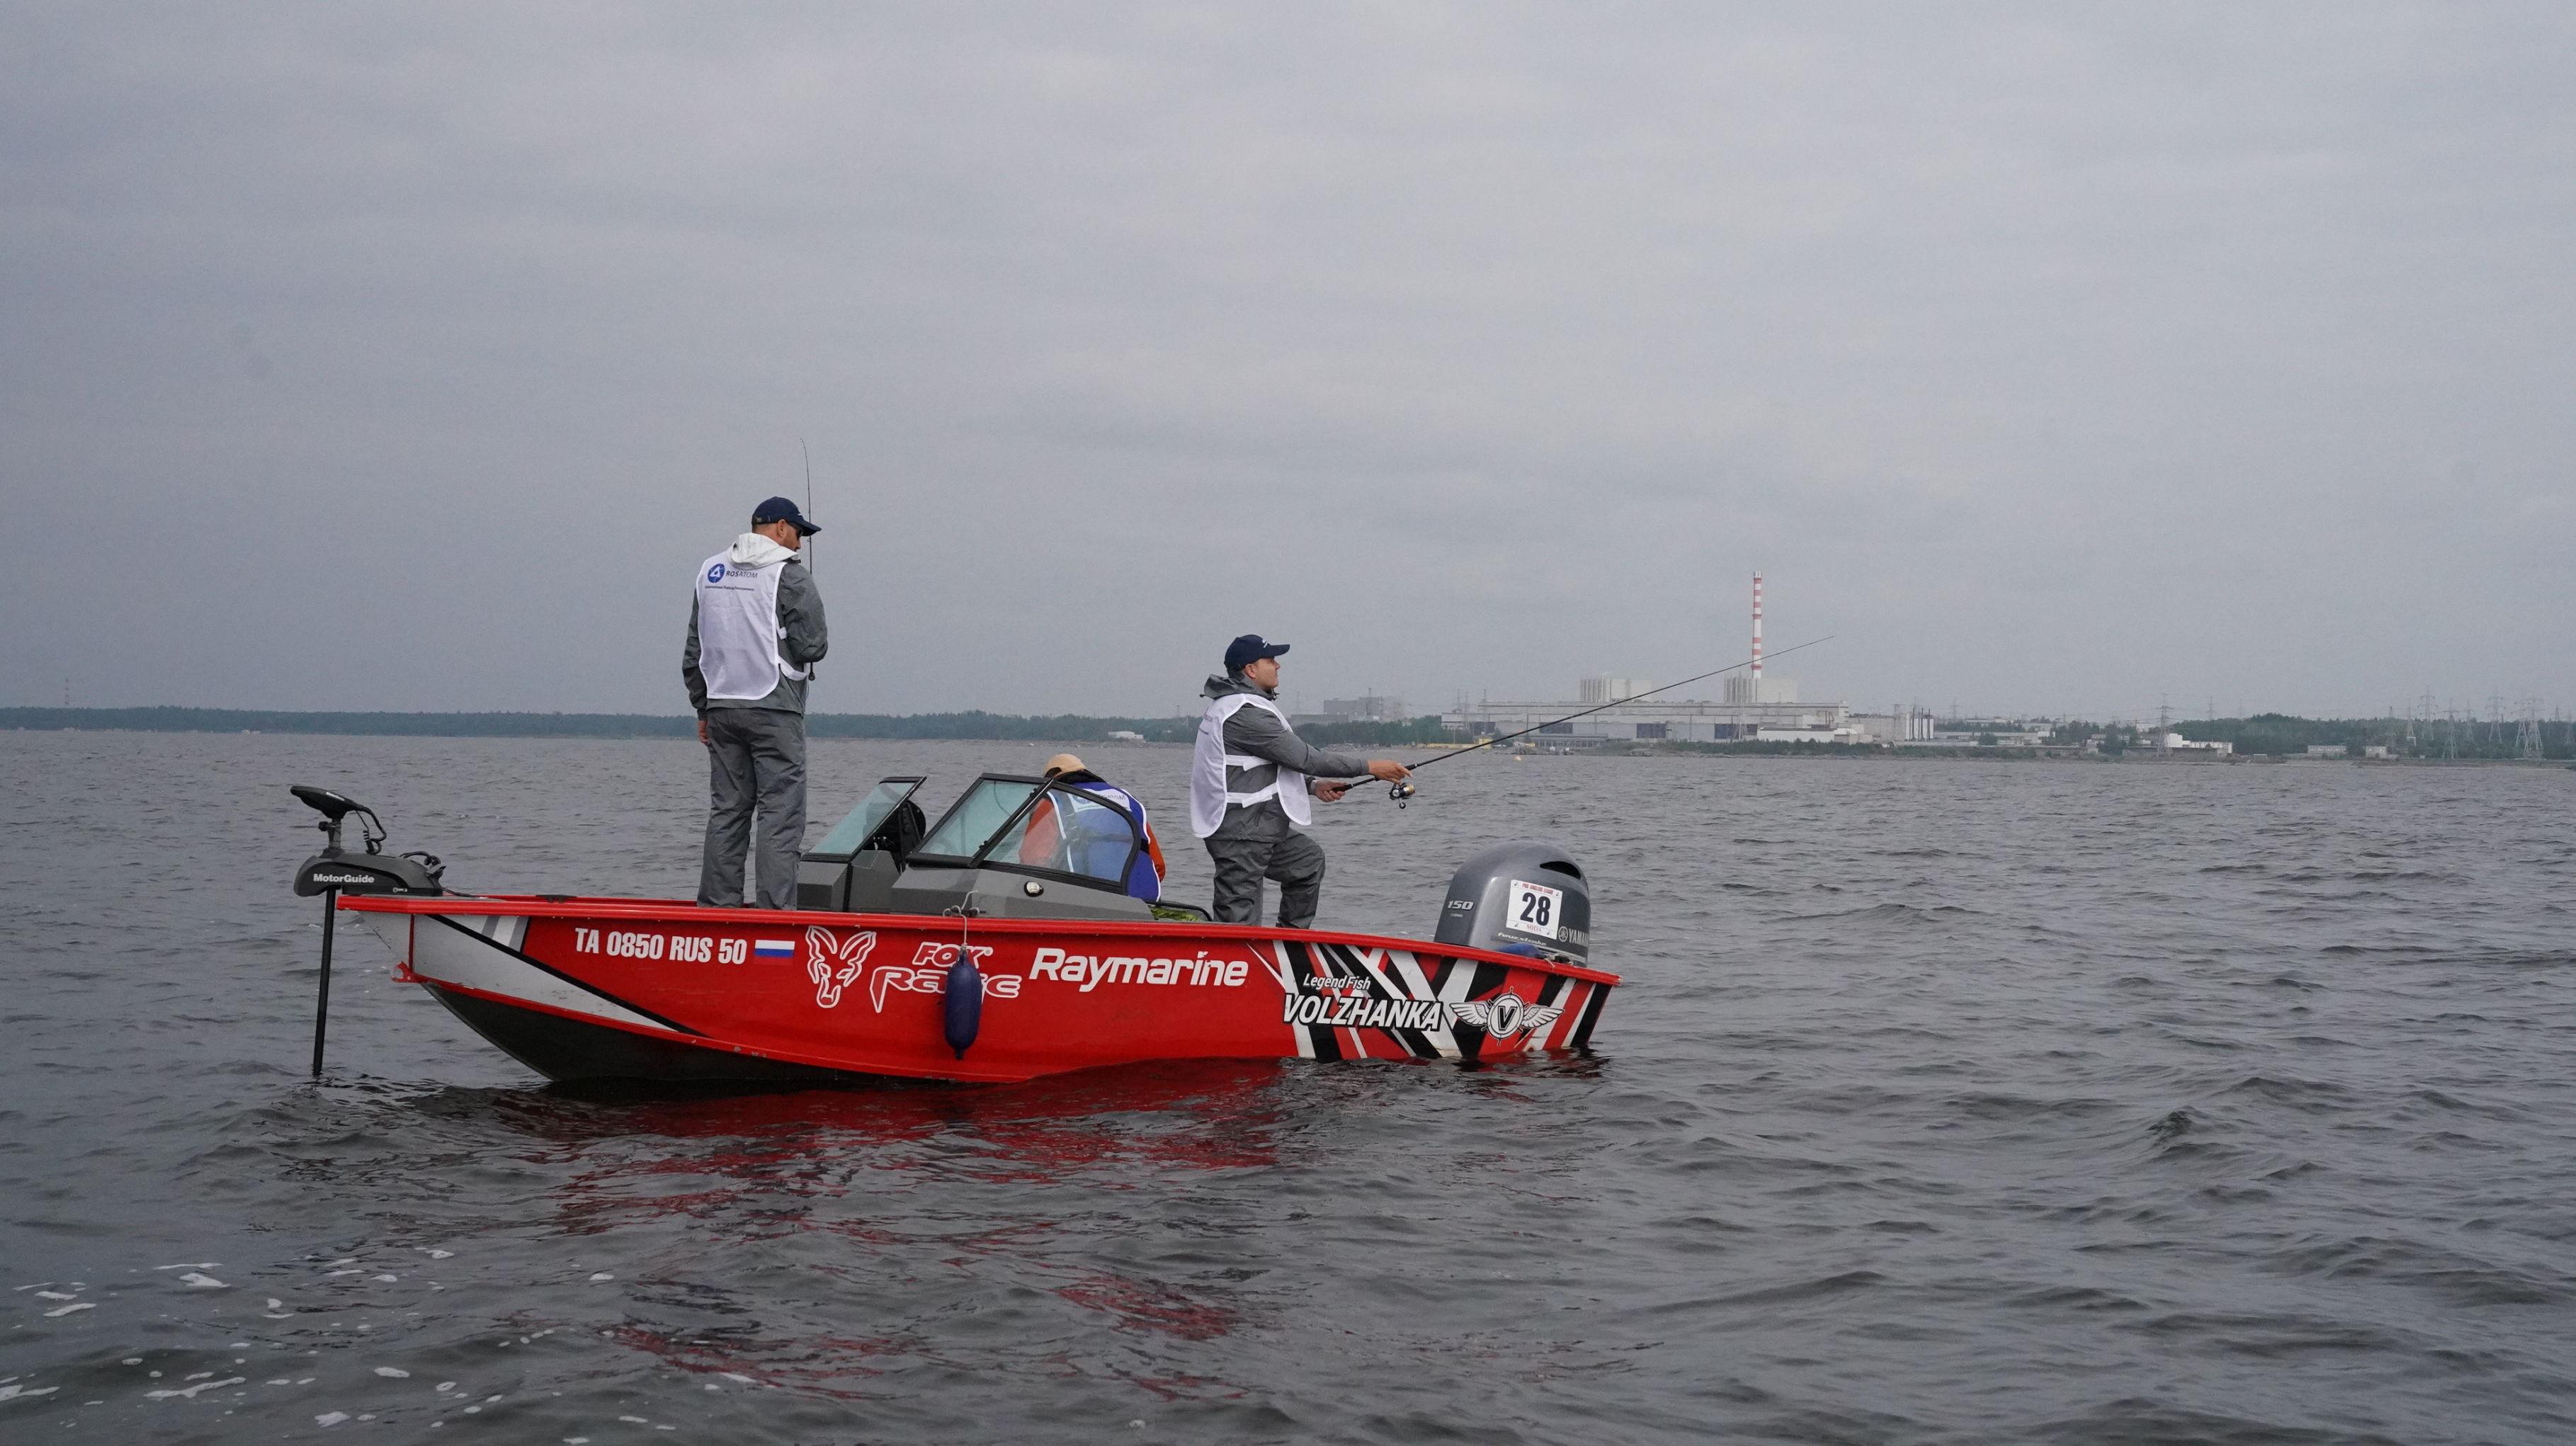 فريق من الصيادين المصريين المحترفين المشارك في بطولة شركة روس آتوم للصيد الدولية